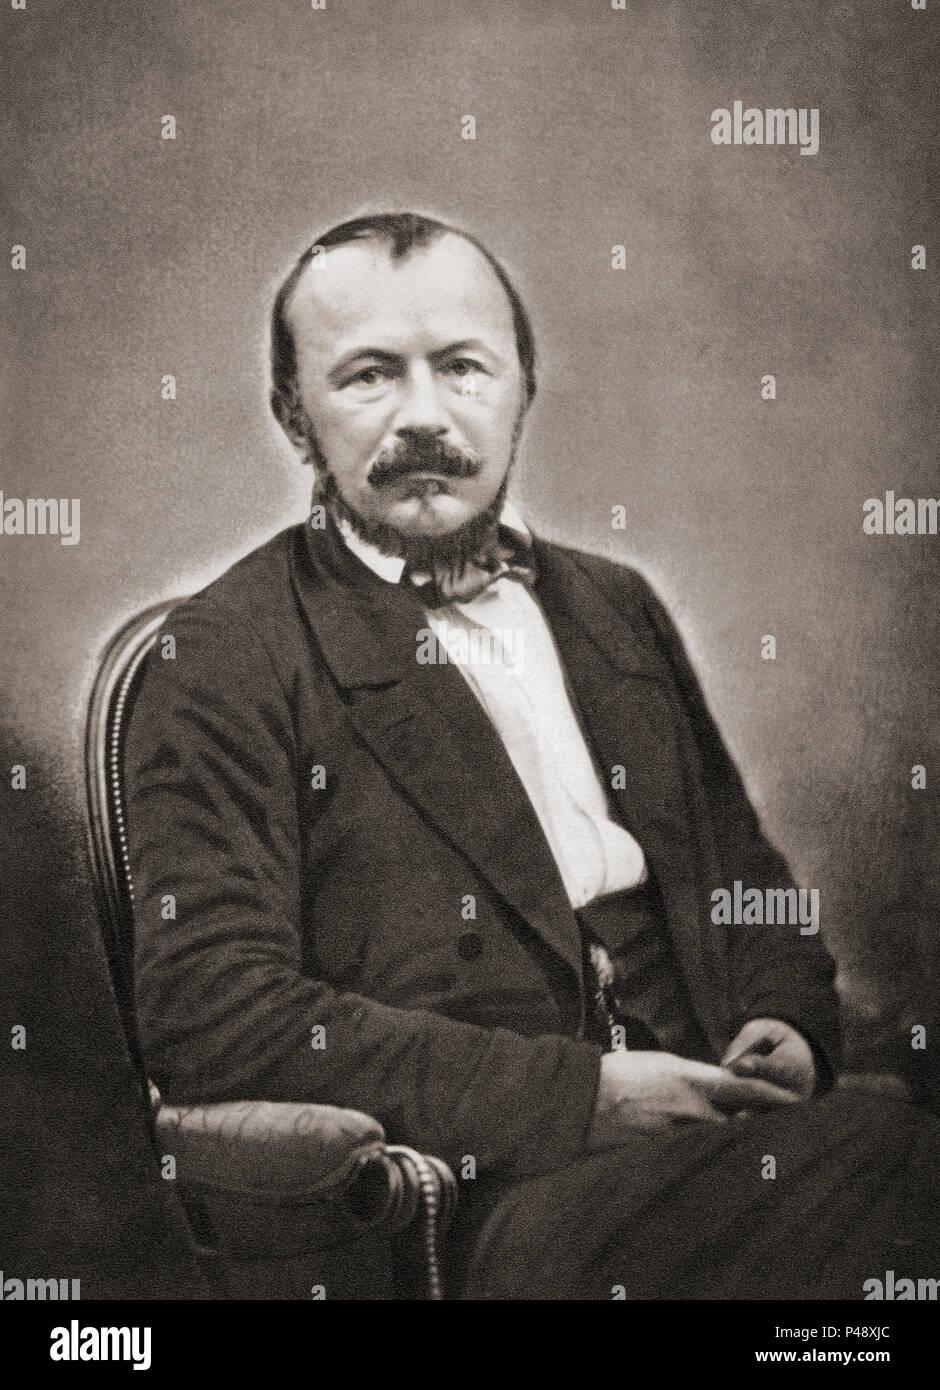 Gérard de Nerval, 1808 - 1855, Nom-de-plume Der französische Schriftsteller, Dichter, Essayist und Übersetzer Gérard Labrunie. Nach einer zeitgenössischen Print. Stockbild